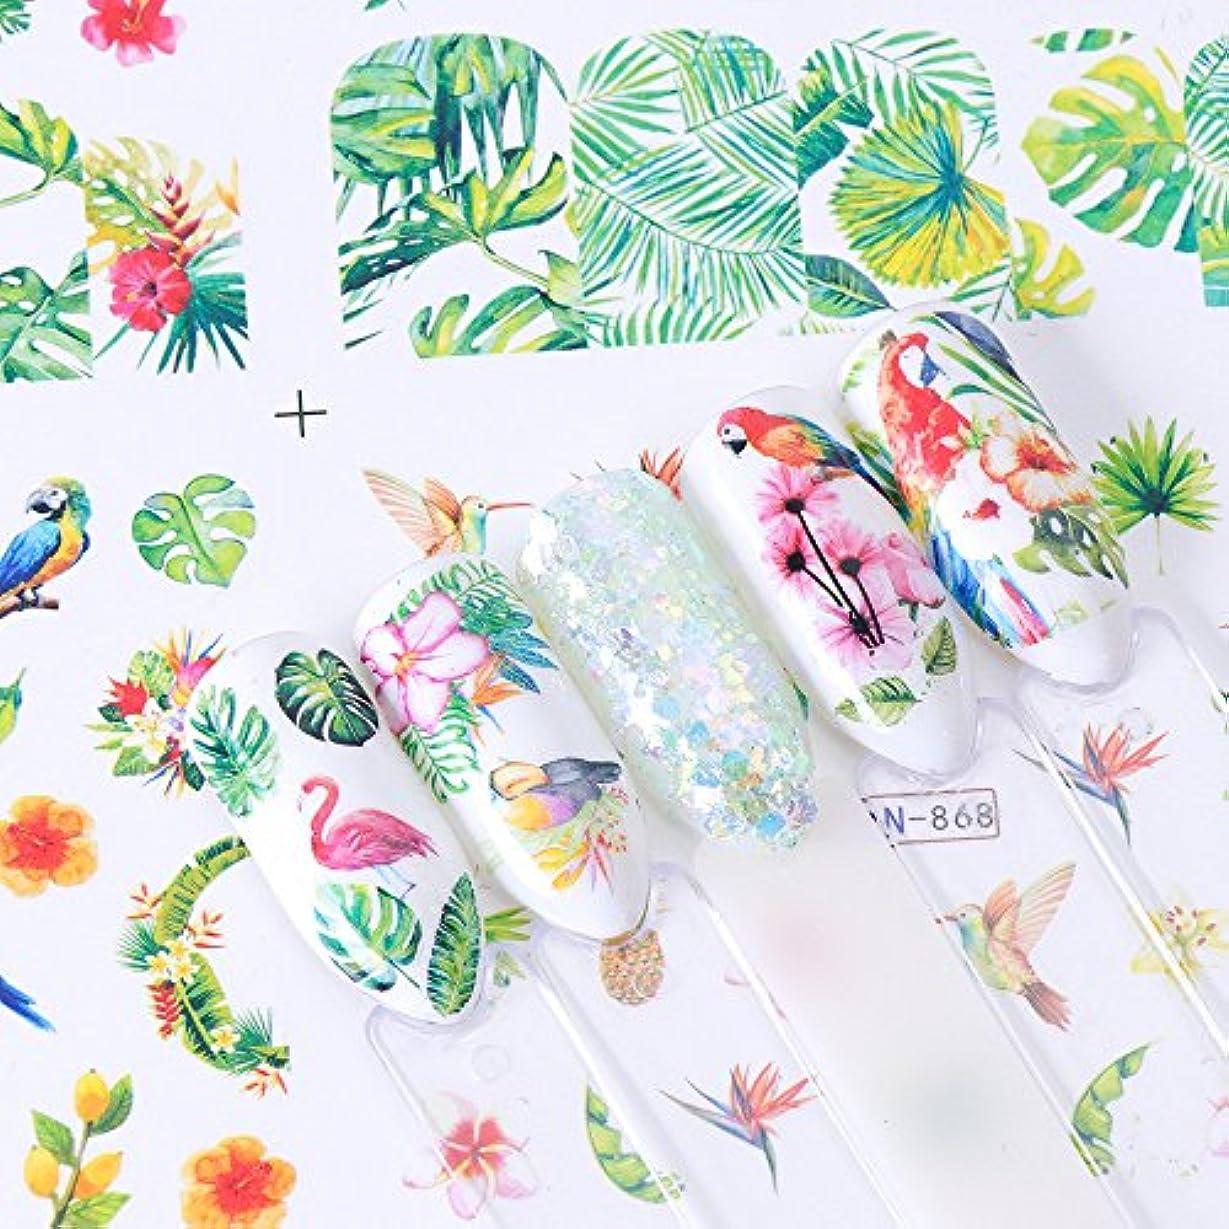 12枚セット フラミンゴ 熱帯植物 モンステラネイルシール ウォーターネイルシール ジェルネイル セルフネイル レジン フラミンゴ 鳥 夏 トロピカル 南国 ピンクネイルシール ピンクフラミンゴシール ピンク